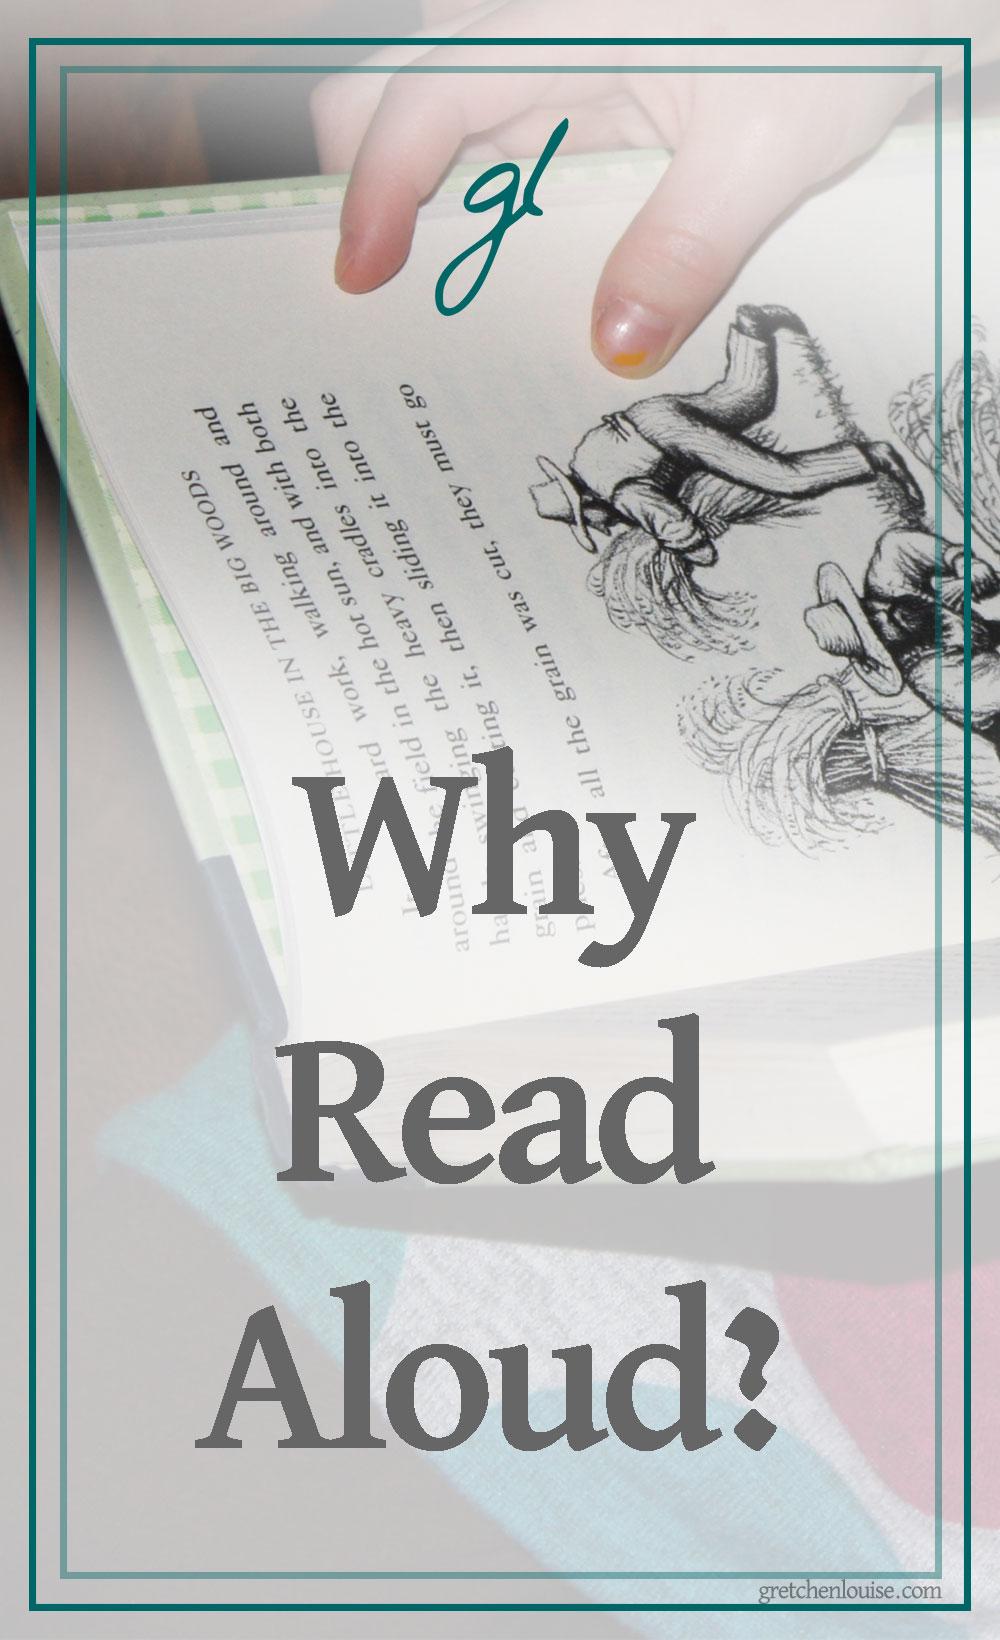 Why read aloud? via @GretLouise